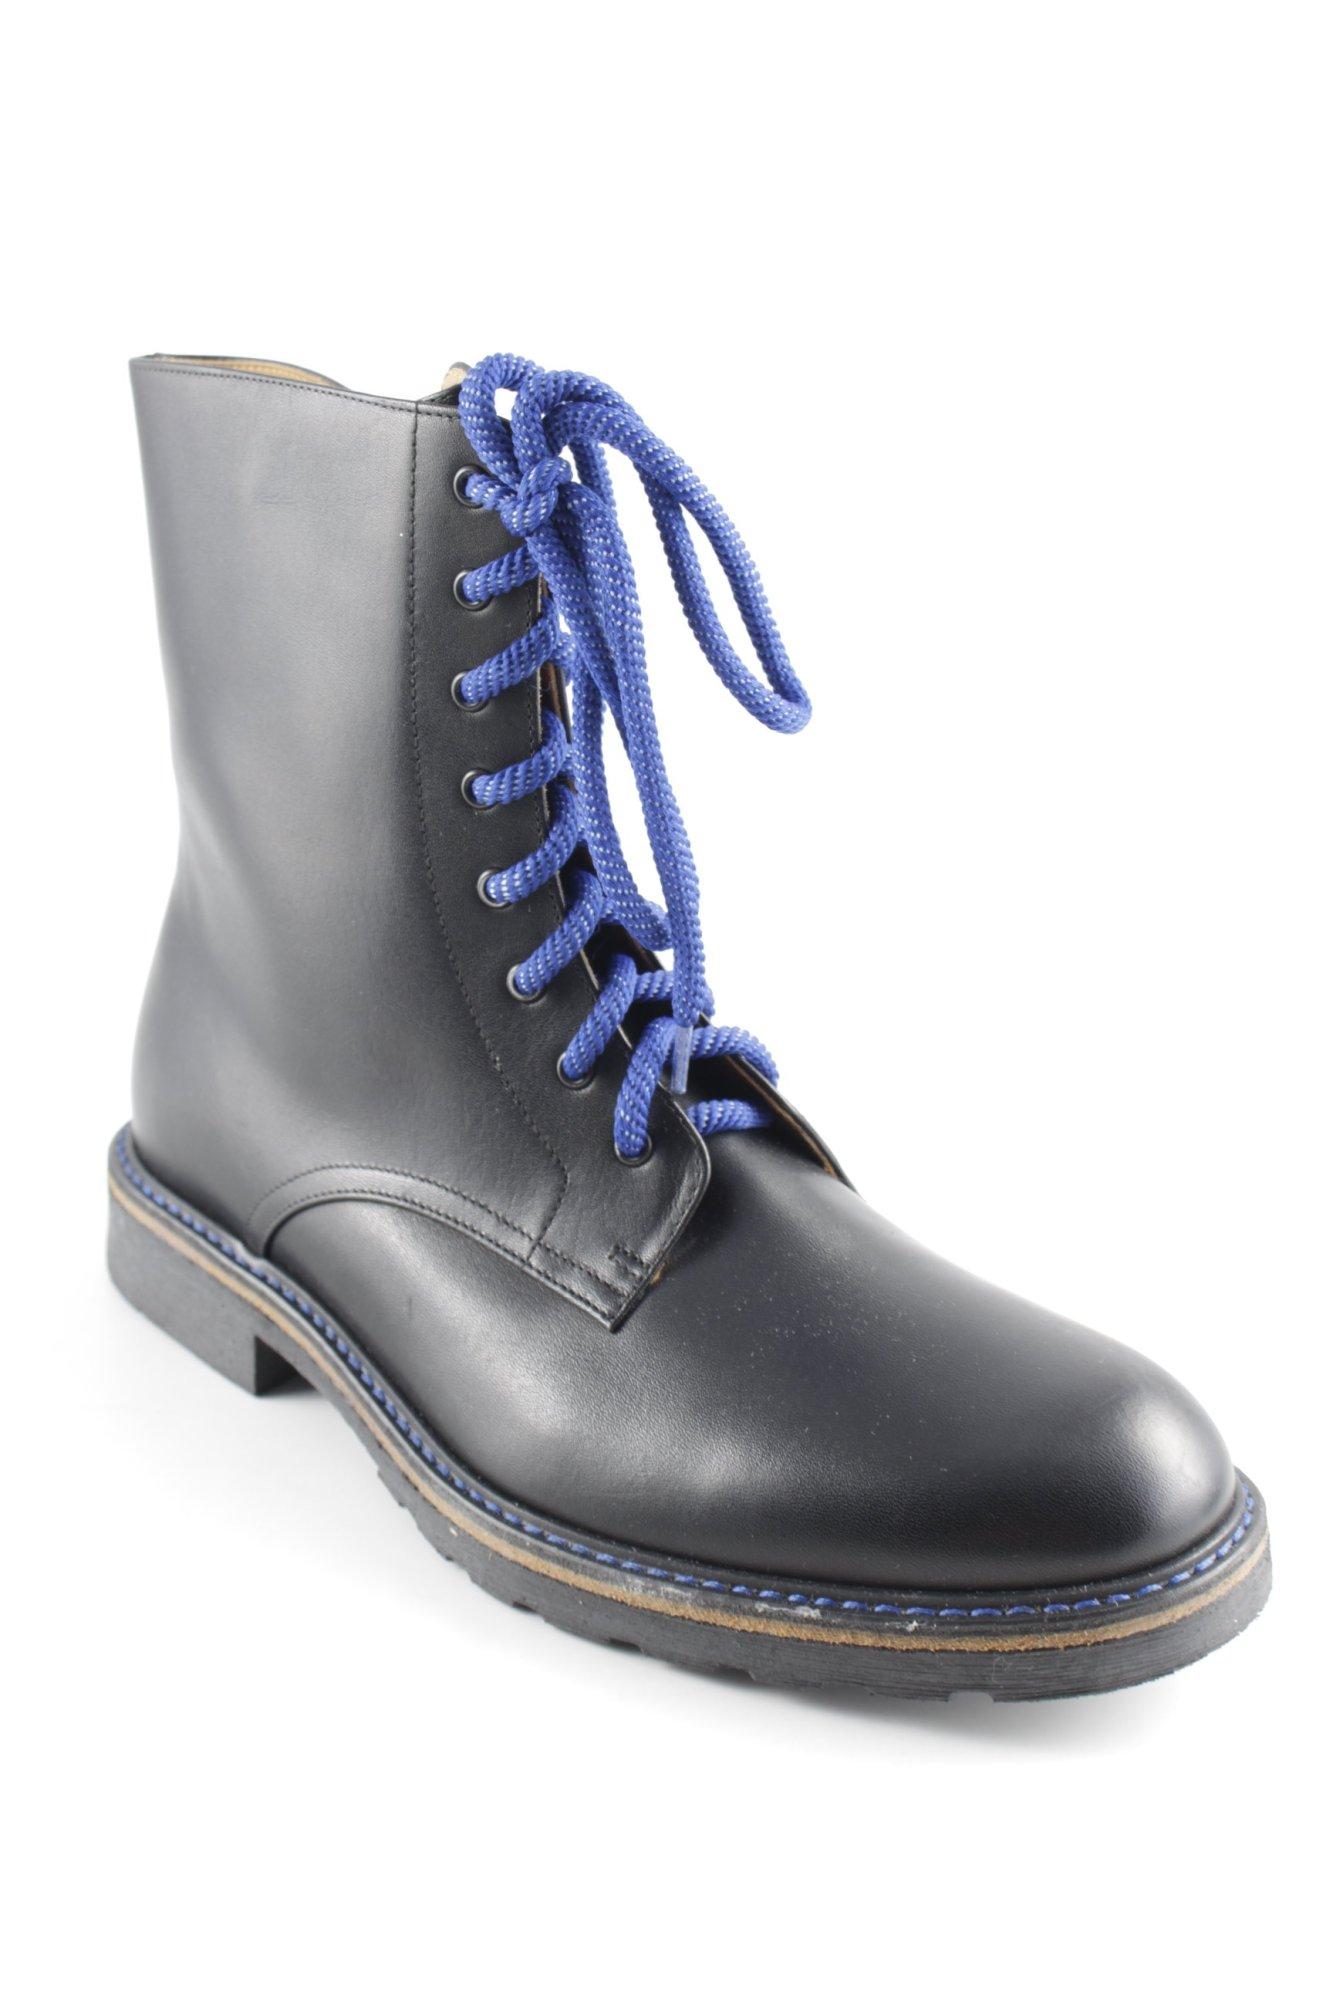 Sandaleias 7 cm elegantes cuadrado claras azul cuadrado talón cuadrado elegantes azul 6bbf5b